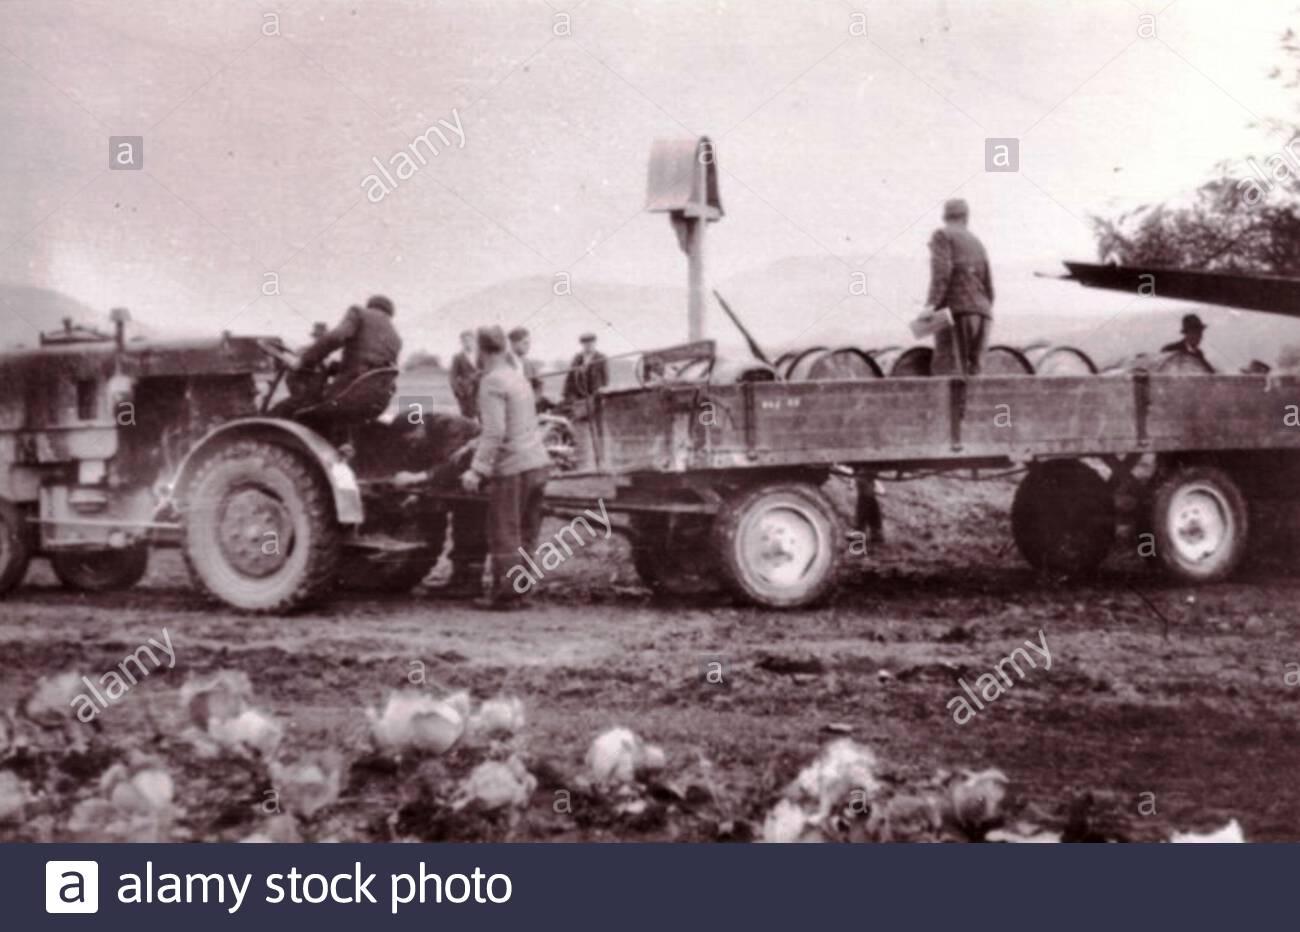 'lovenščina: Odvažanje bencina iz anglekega letala, ki je 6. 11. 1944 zasilno pristalo v Zgornji Savinjski dolini; 6 de noviembre de 1944; http://www.ce-nob.si/Collections/list/5/24?page=3; Autor desconocido; ' Foto de stock